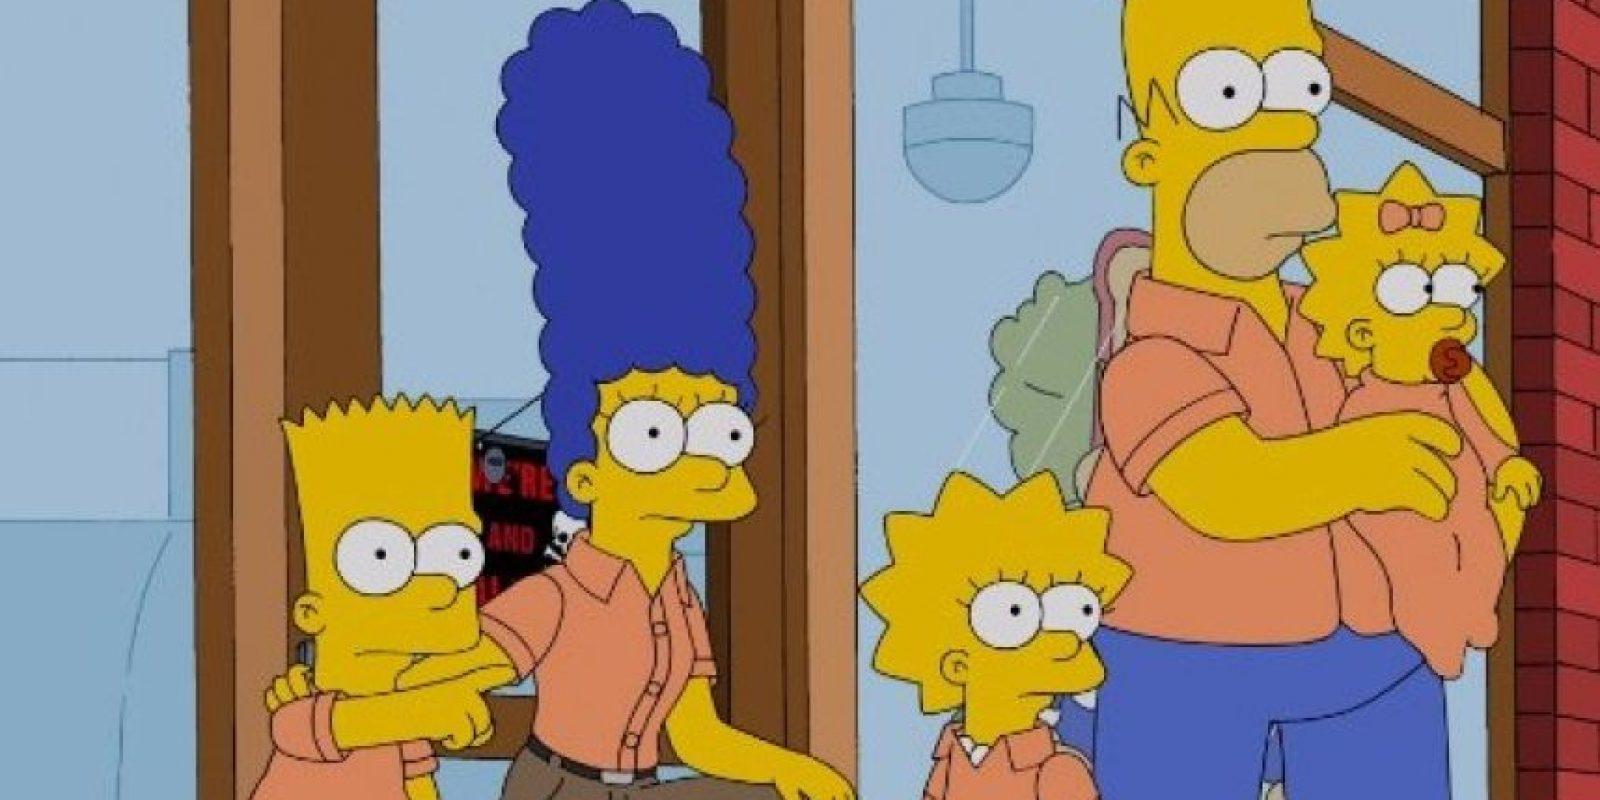 """Los integrantes de la familia son """"Homer"""", """"Marge"""", """"Bart"""", """"Lisa"""" y """"Maggie Simpson"""". Foto:20th Century Fox"""